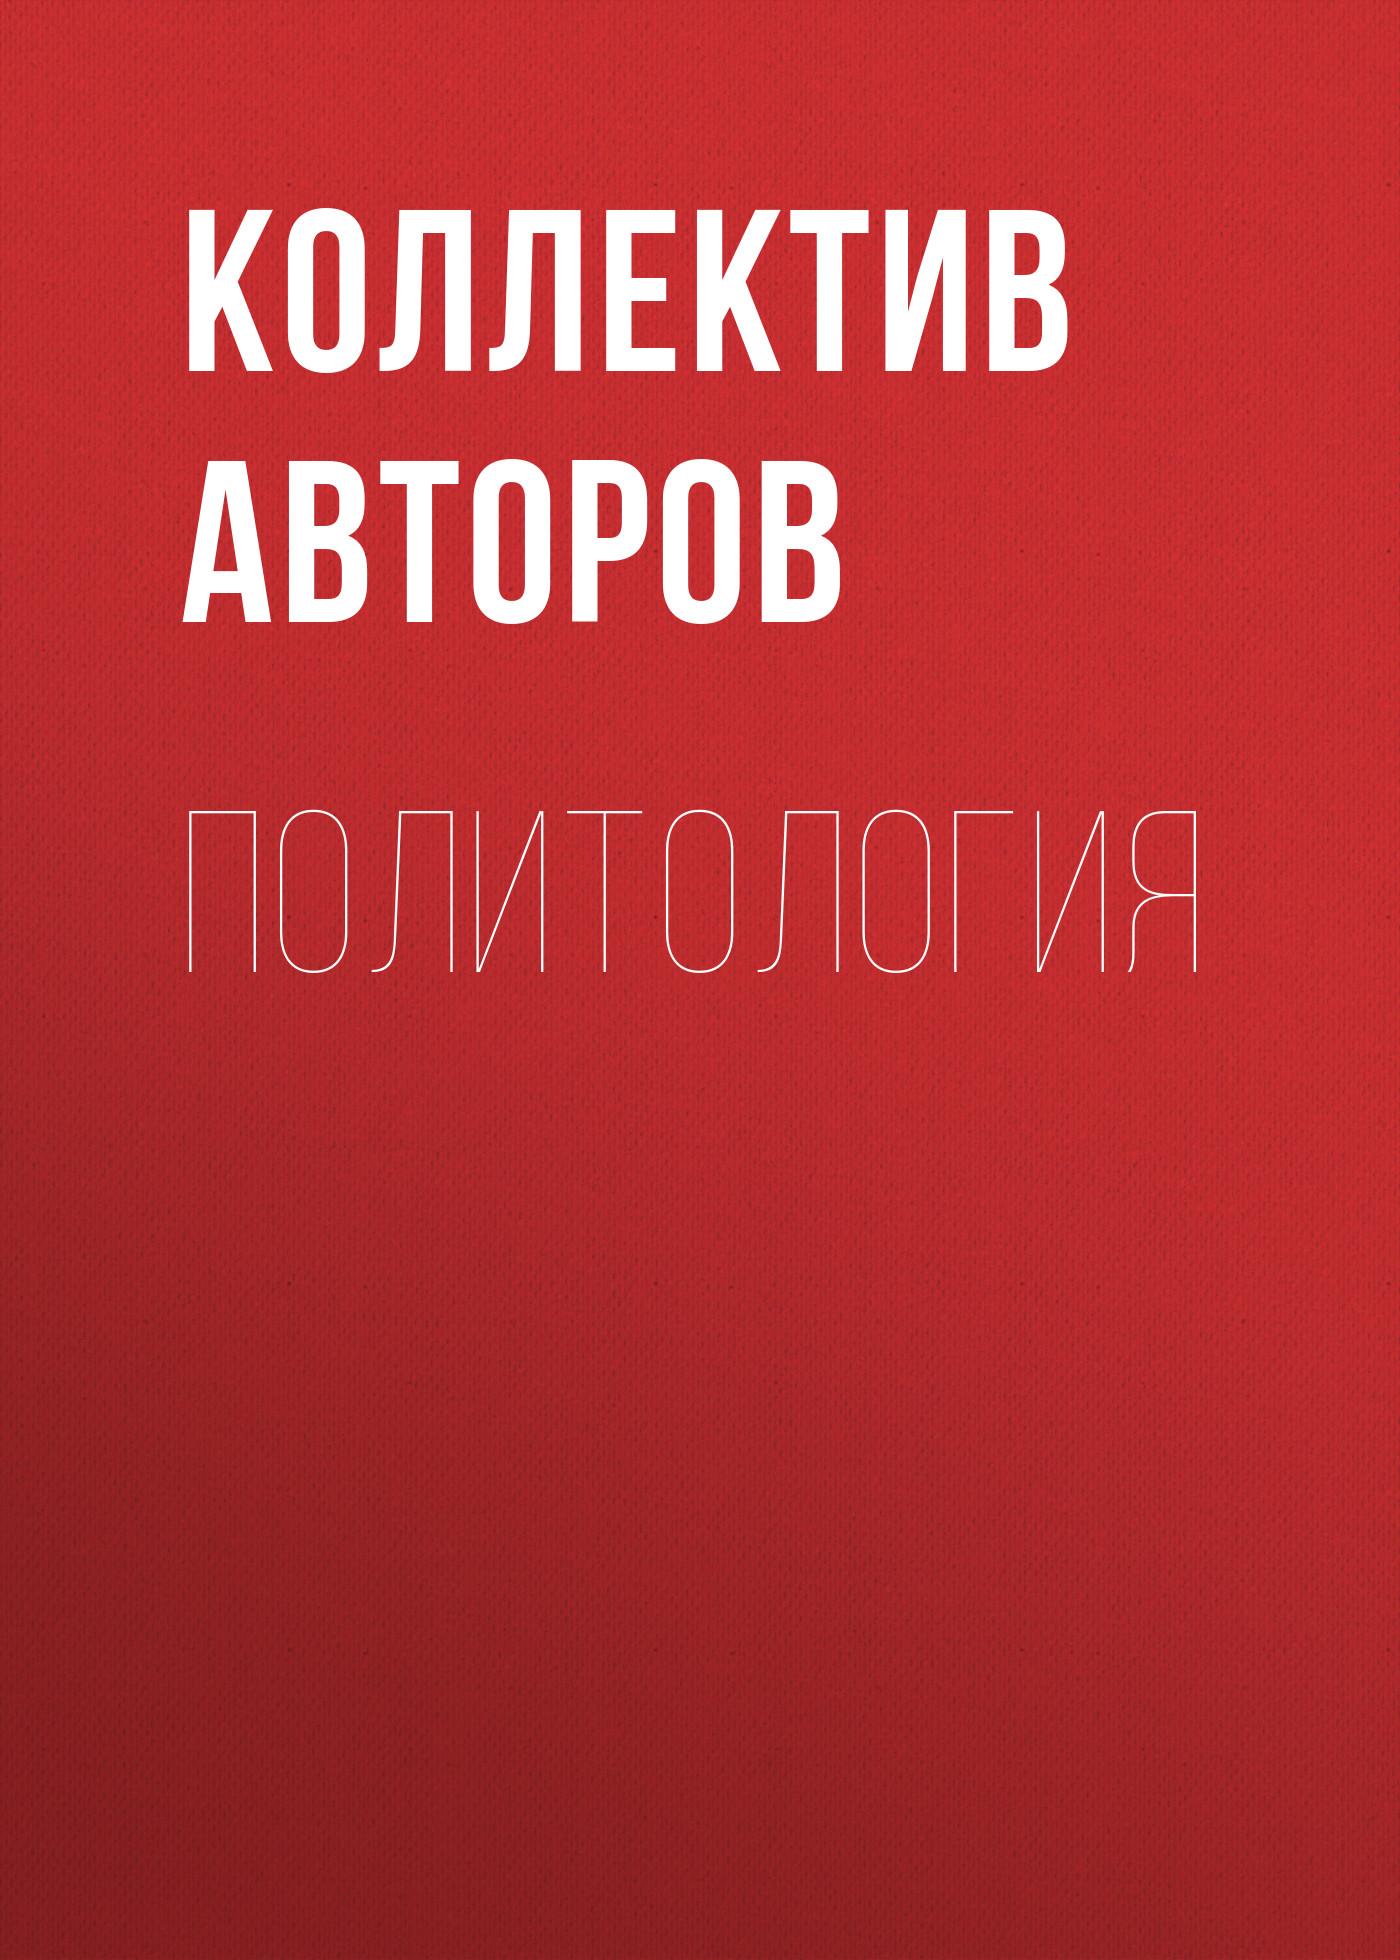 Коллектив авторов Политология коллектив авторов итоговая государственная аттестация выпускников вузов